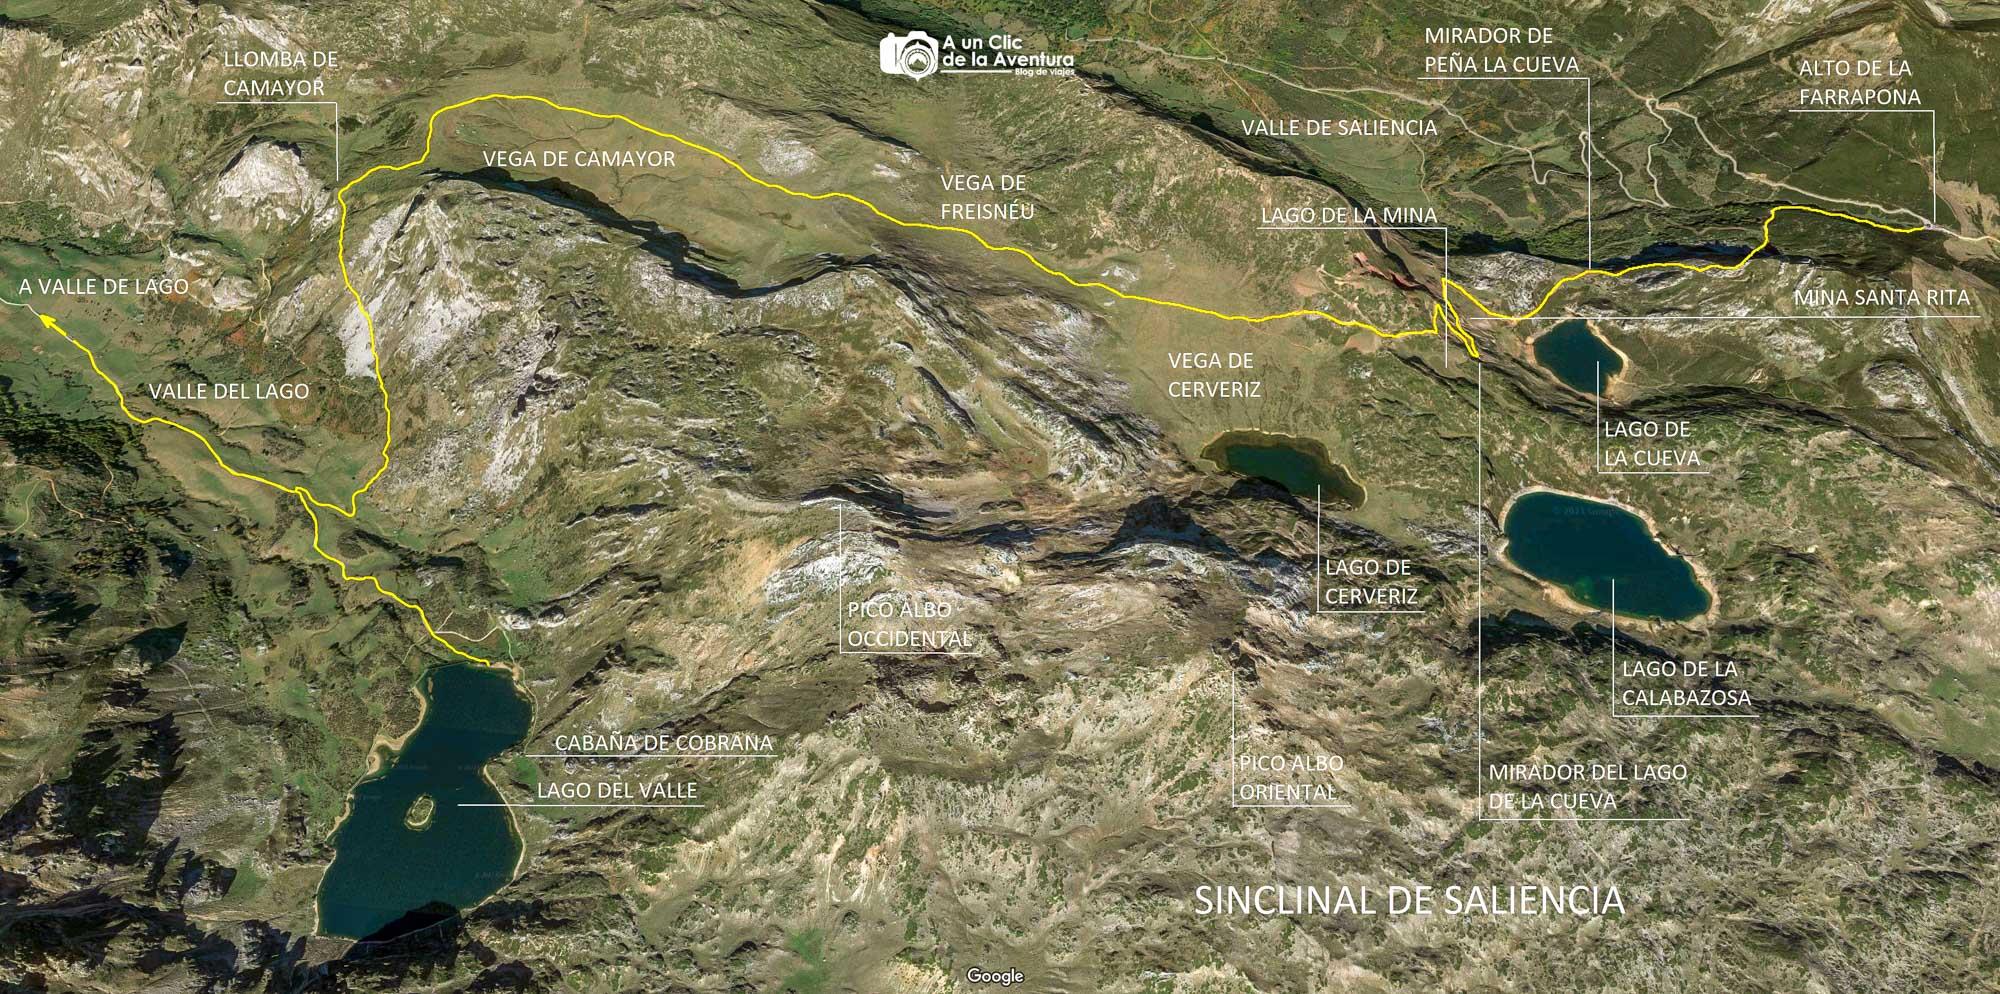 Mapa de la ruta de los Lagos de Saliencia